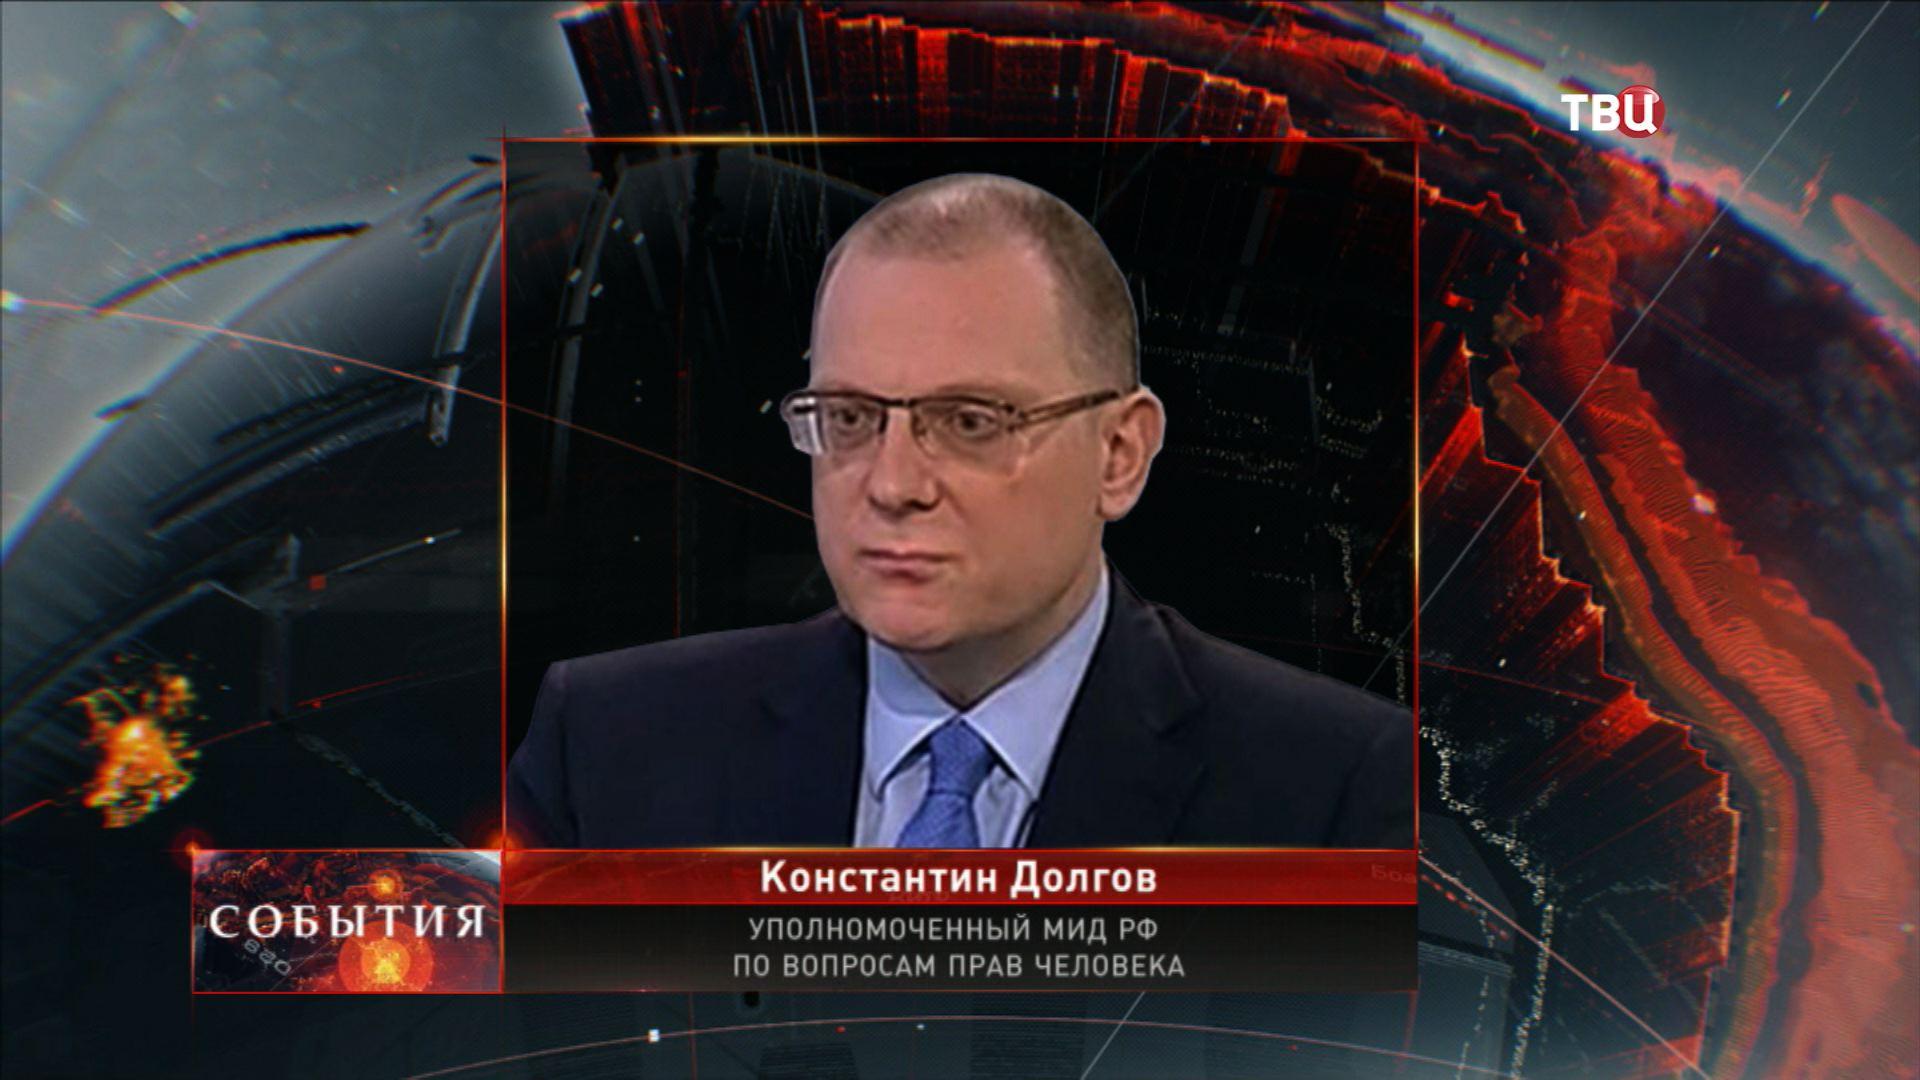 Уполномоченный МИД РФ по вопросам прав человека Константин Долгов